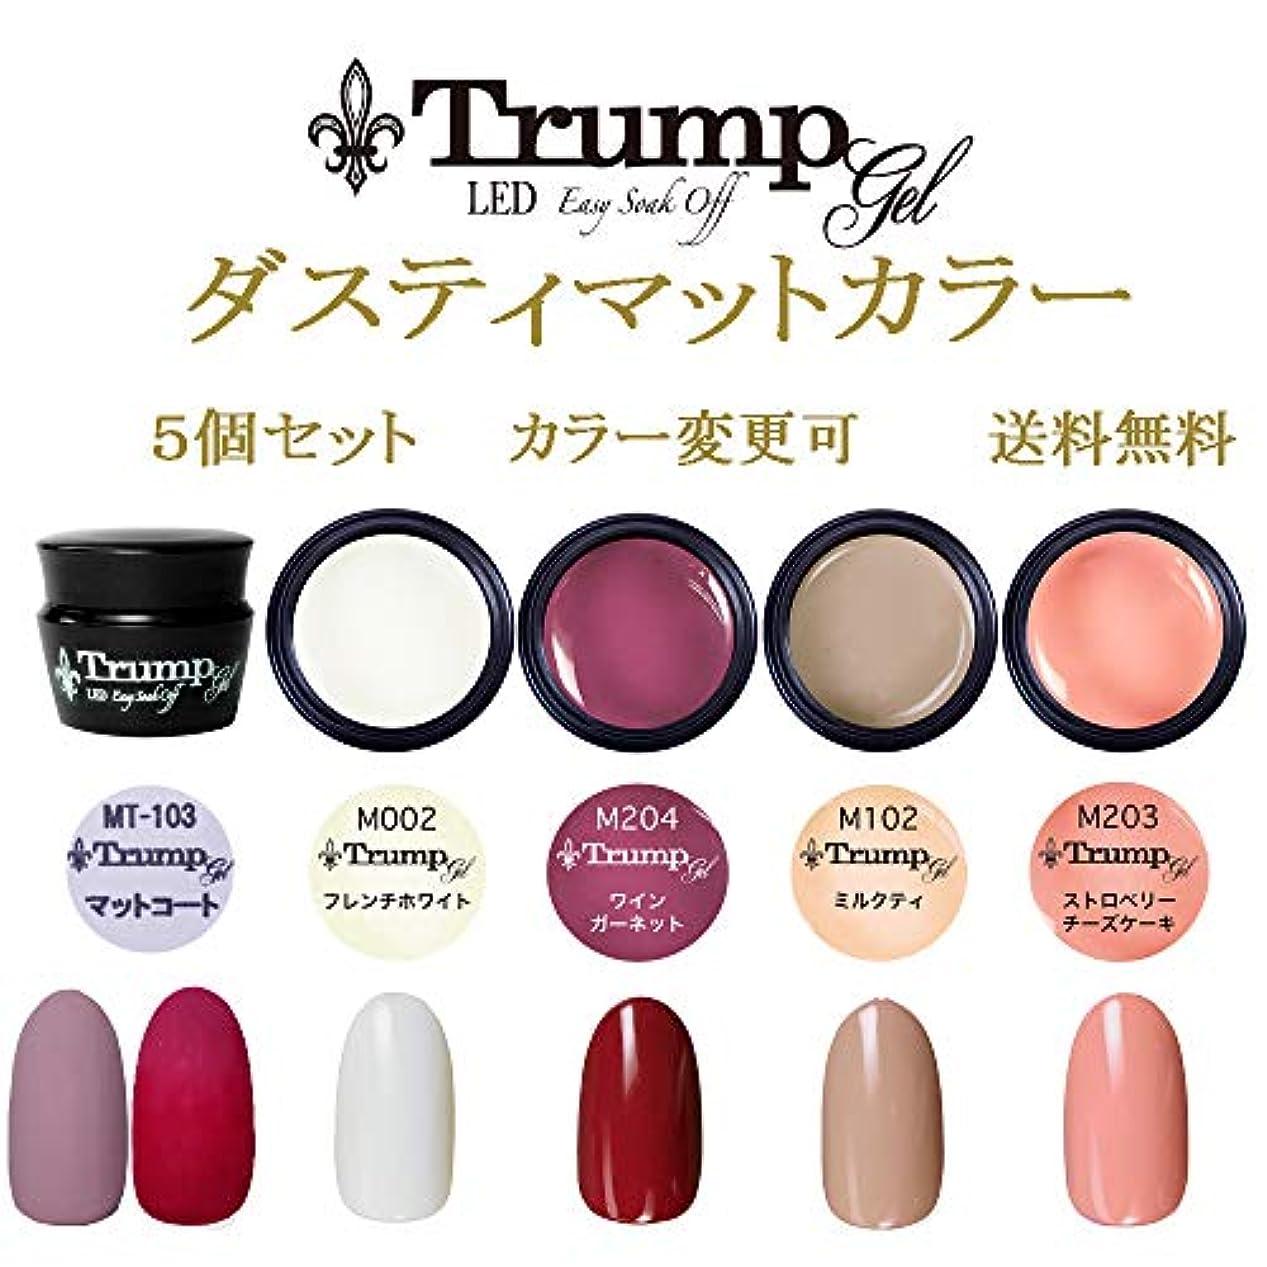 抵抗性別肉屋【送料無料】日本製 Trump gel トランプジェル ダスティマット カラージェル 5個セット 魅惑のフロストマットトップとマットに合う人気カラーをチョイス